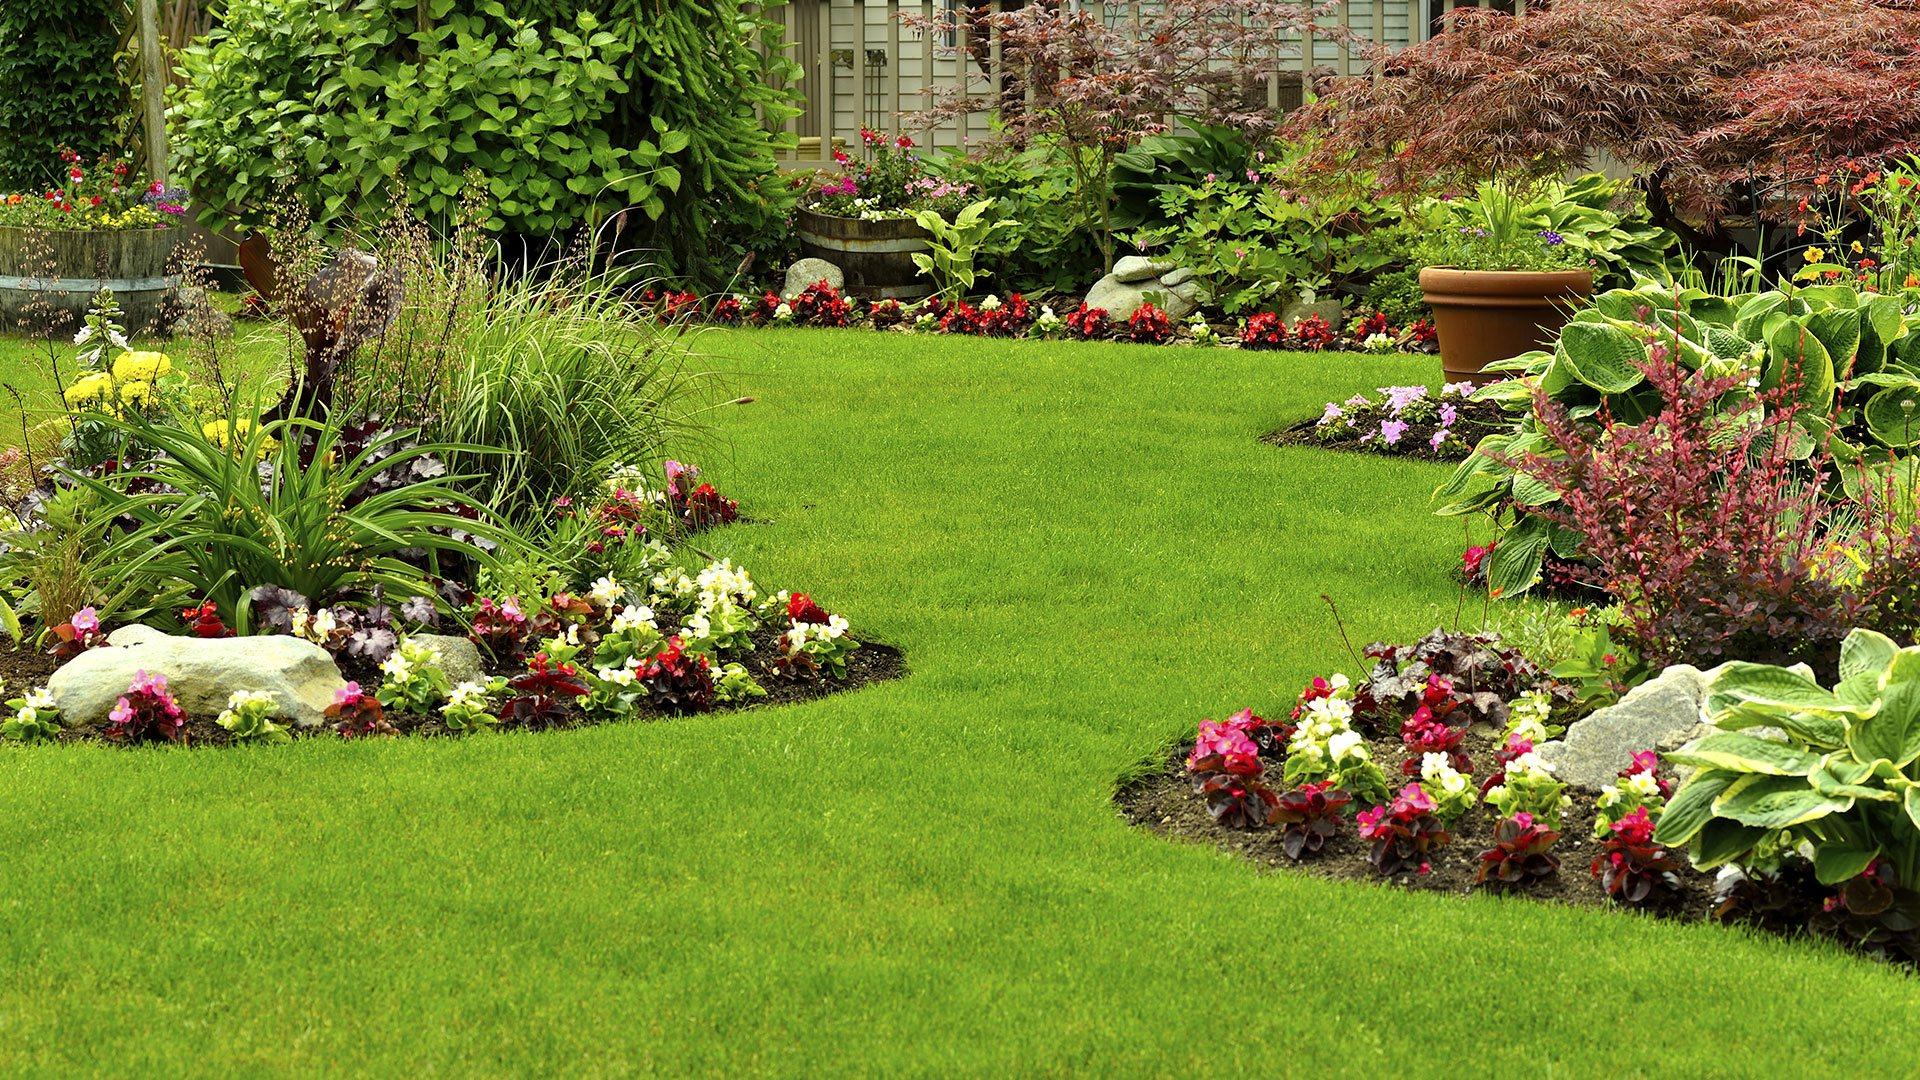 3 Edibles to Grow in Your Garden